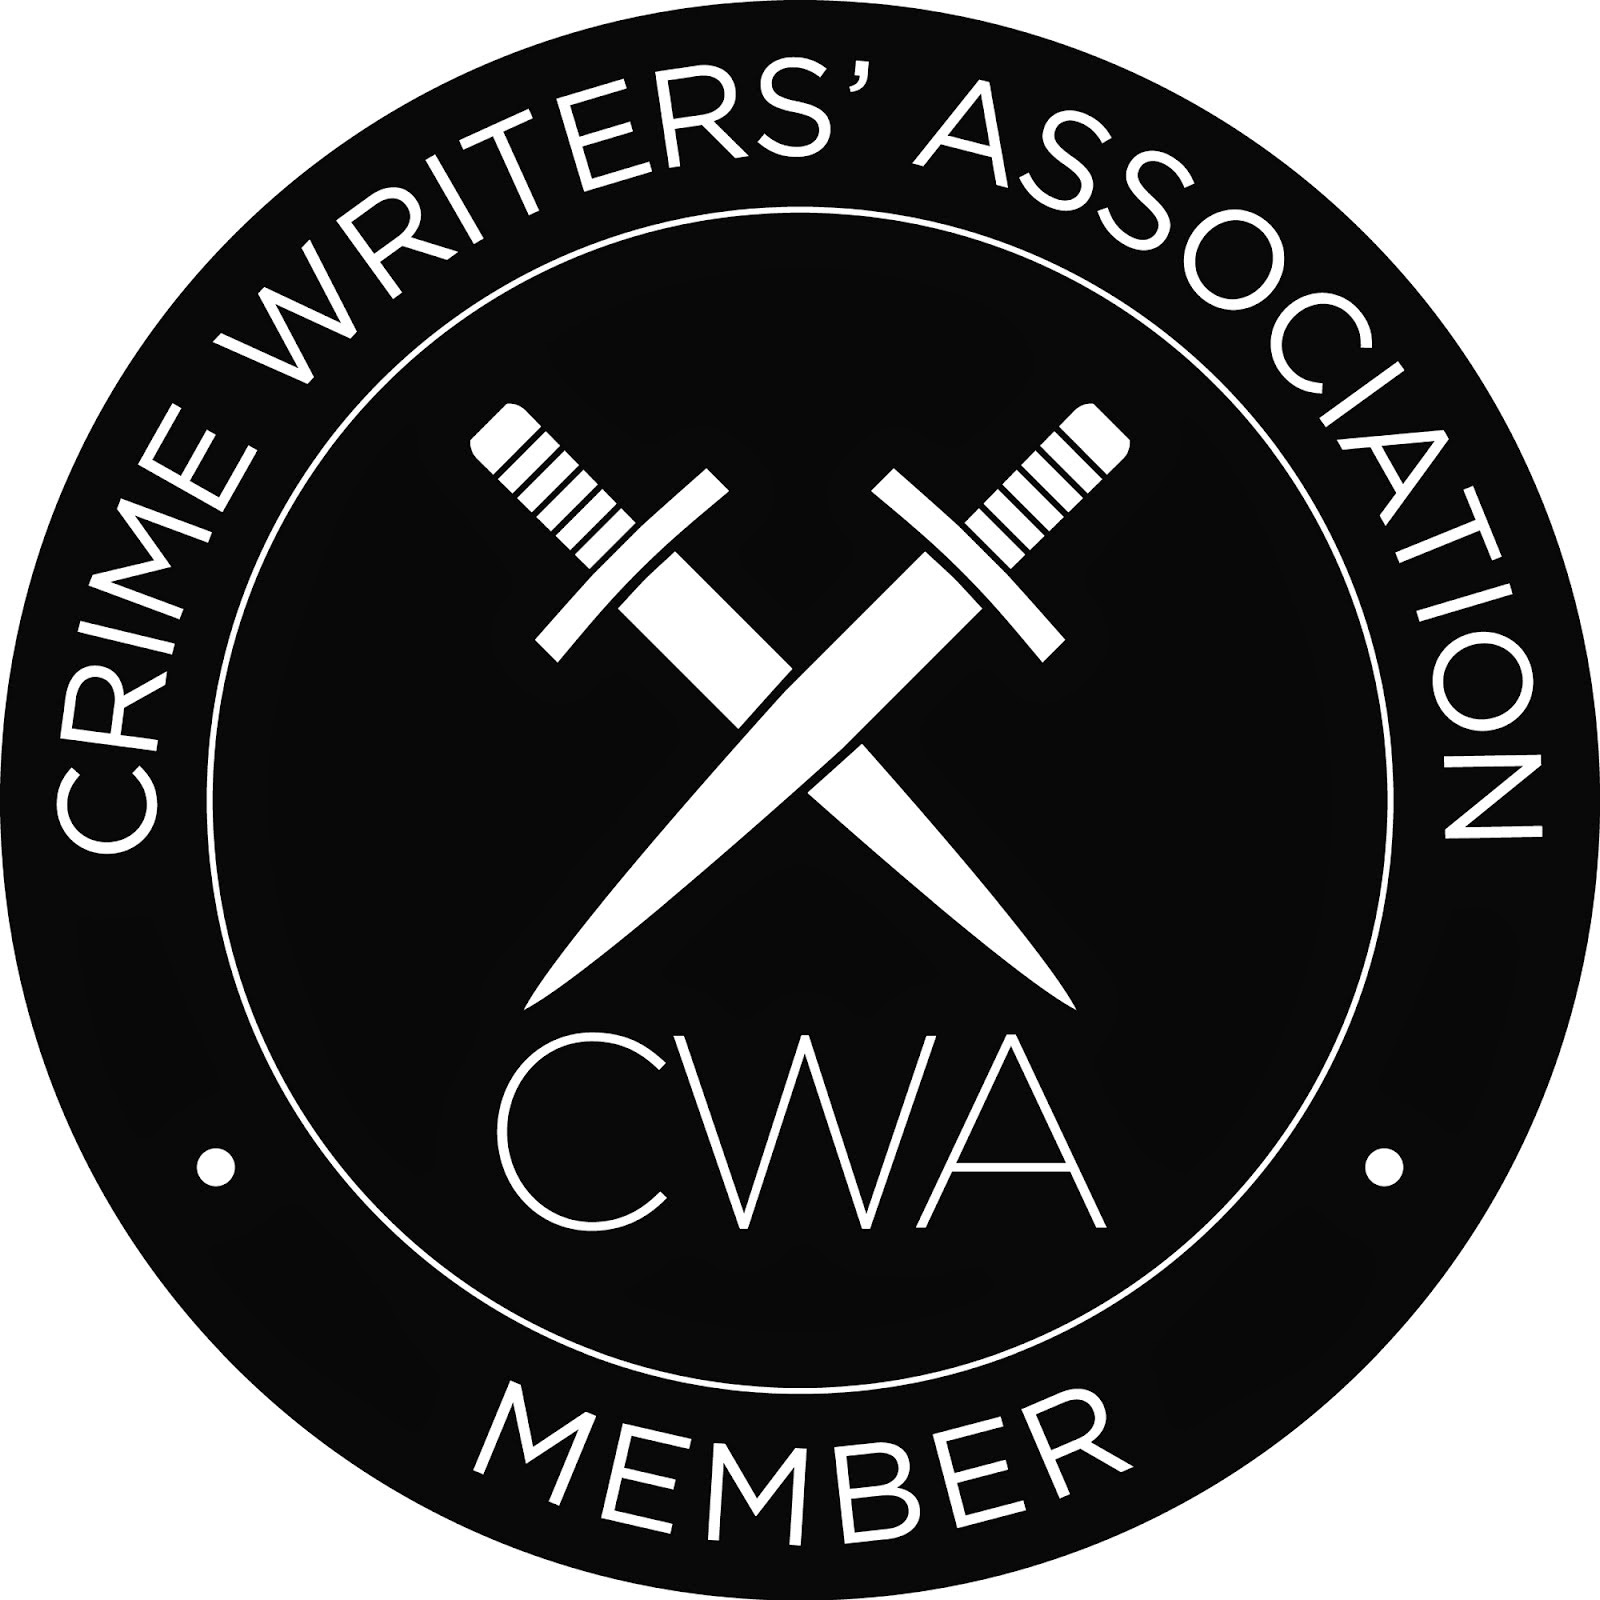 CWA Member